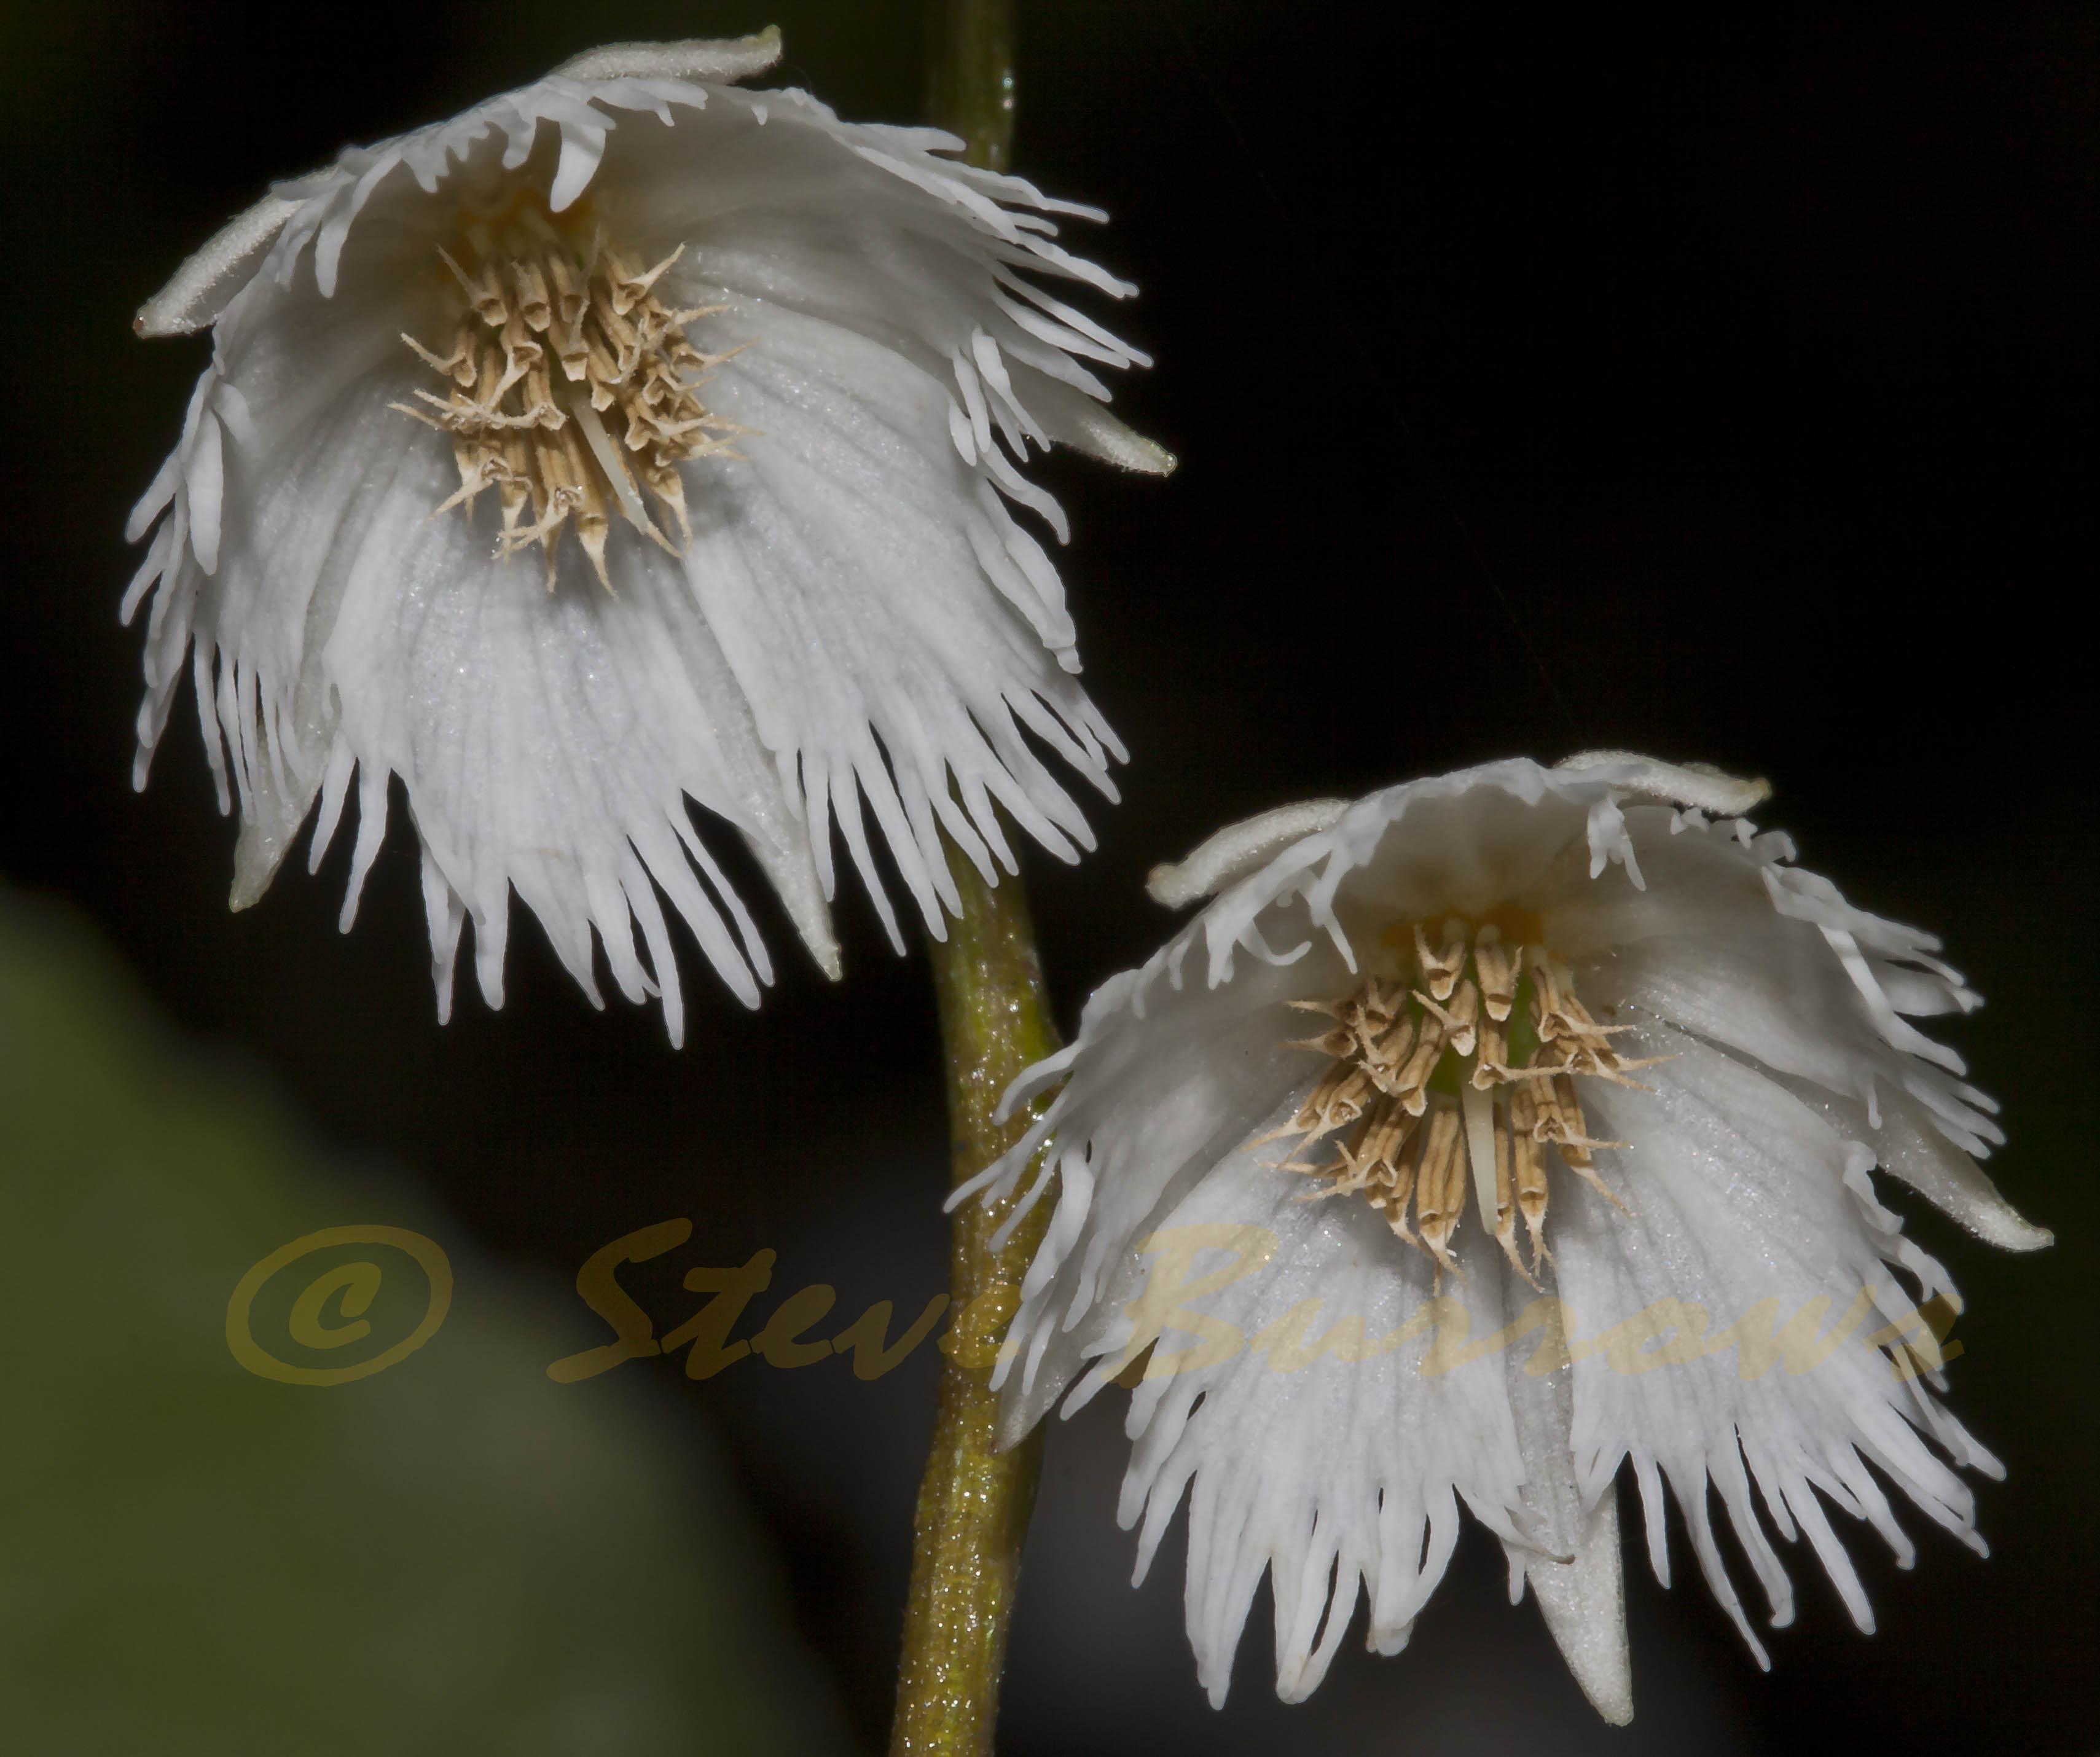 Image courtesy of Steve Burrows Elaeocarpus reticulatus